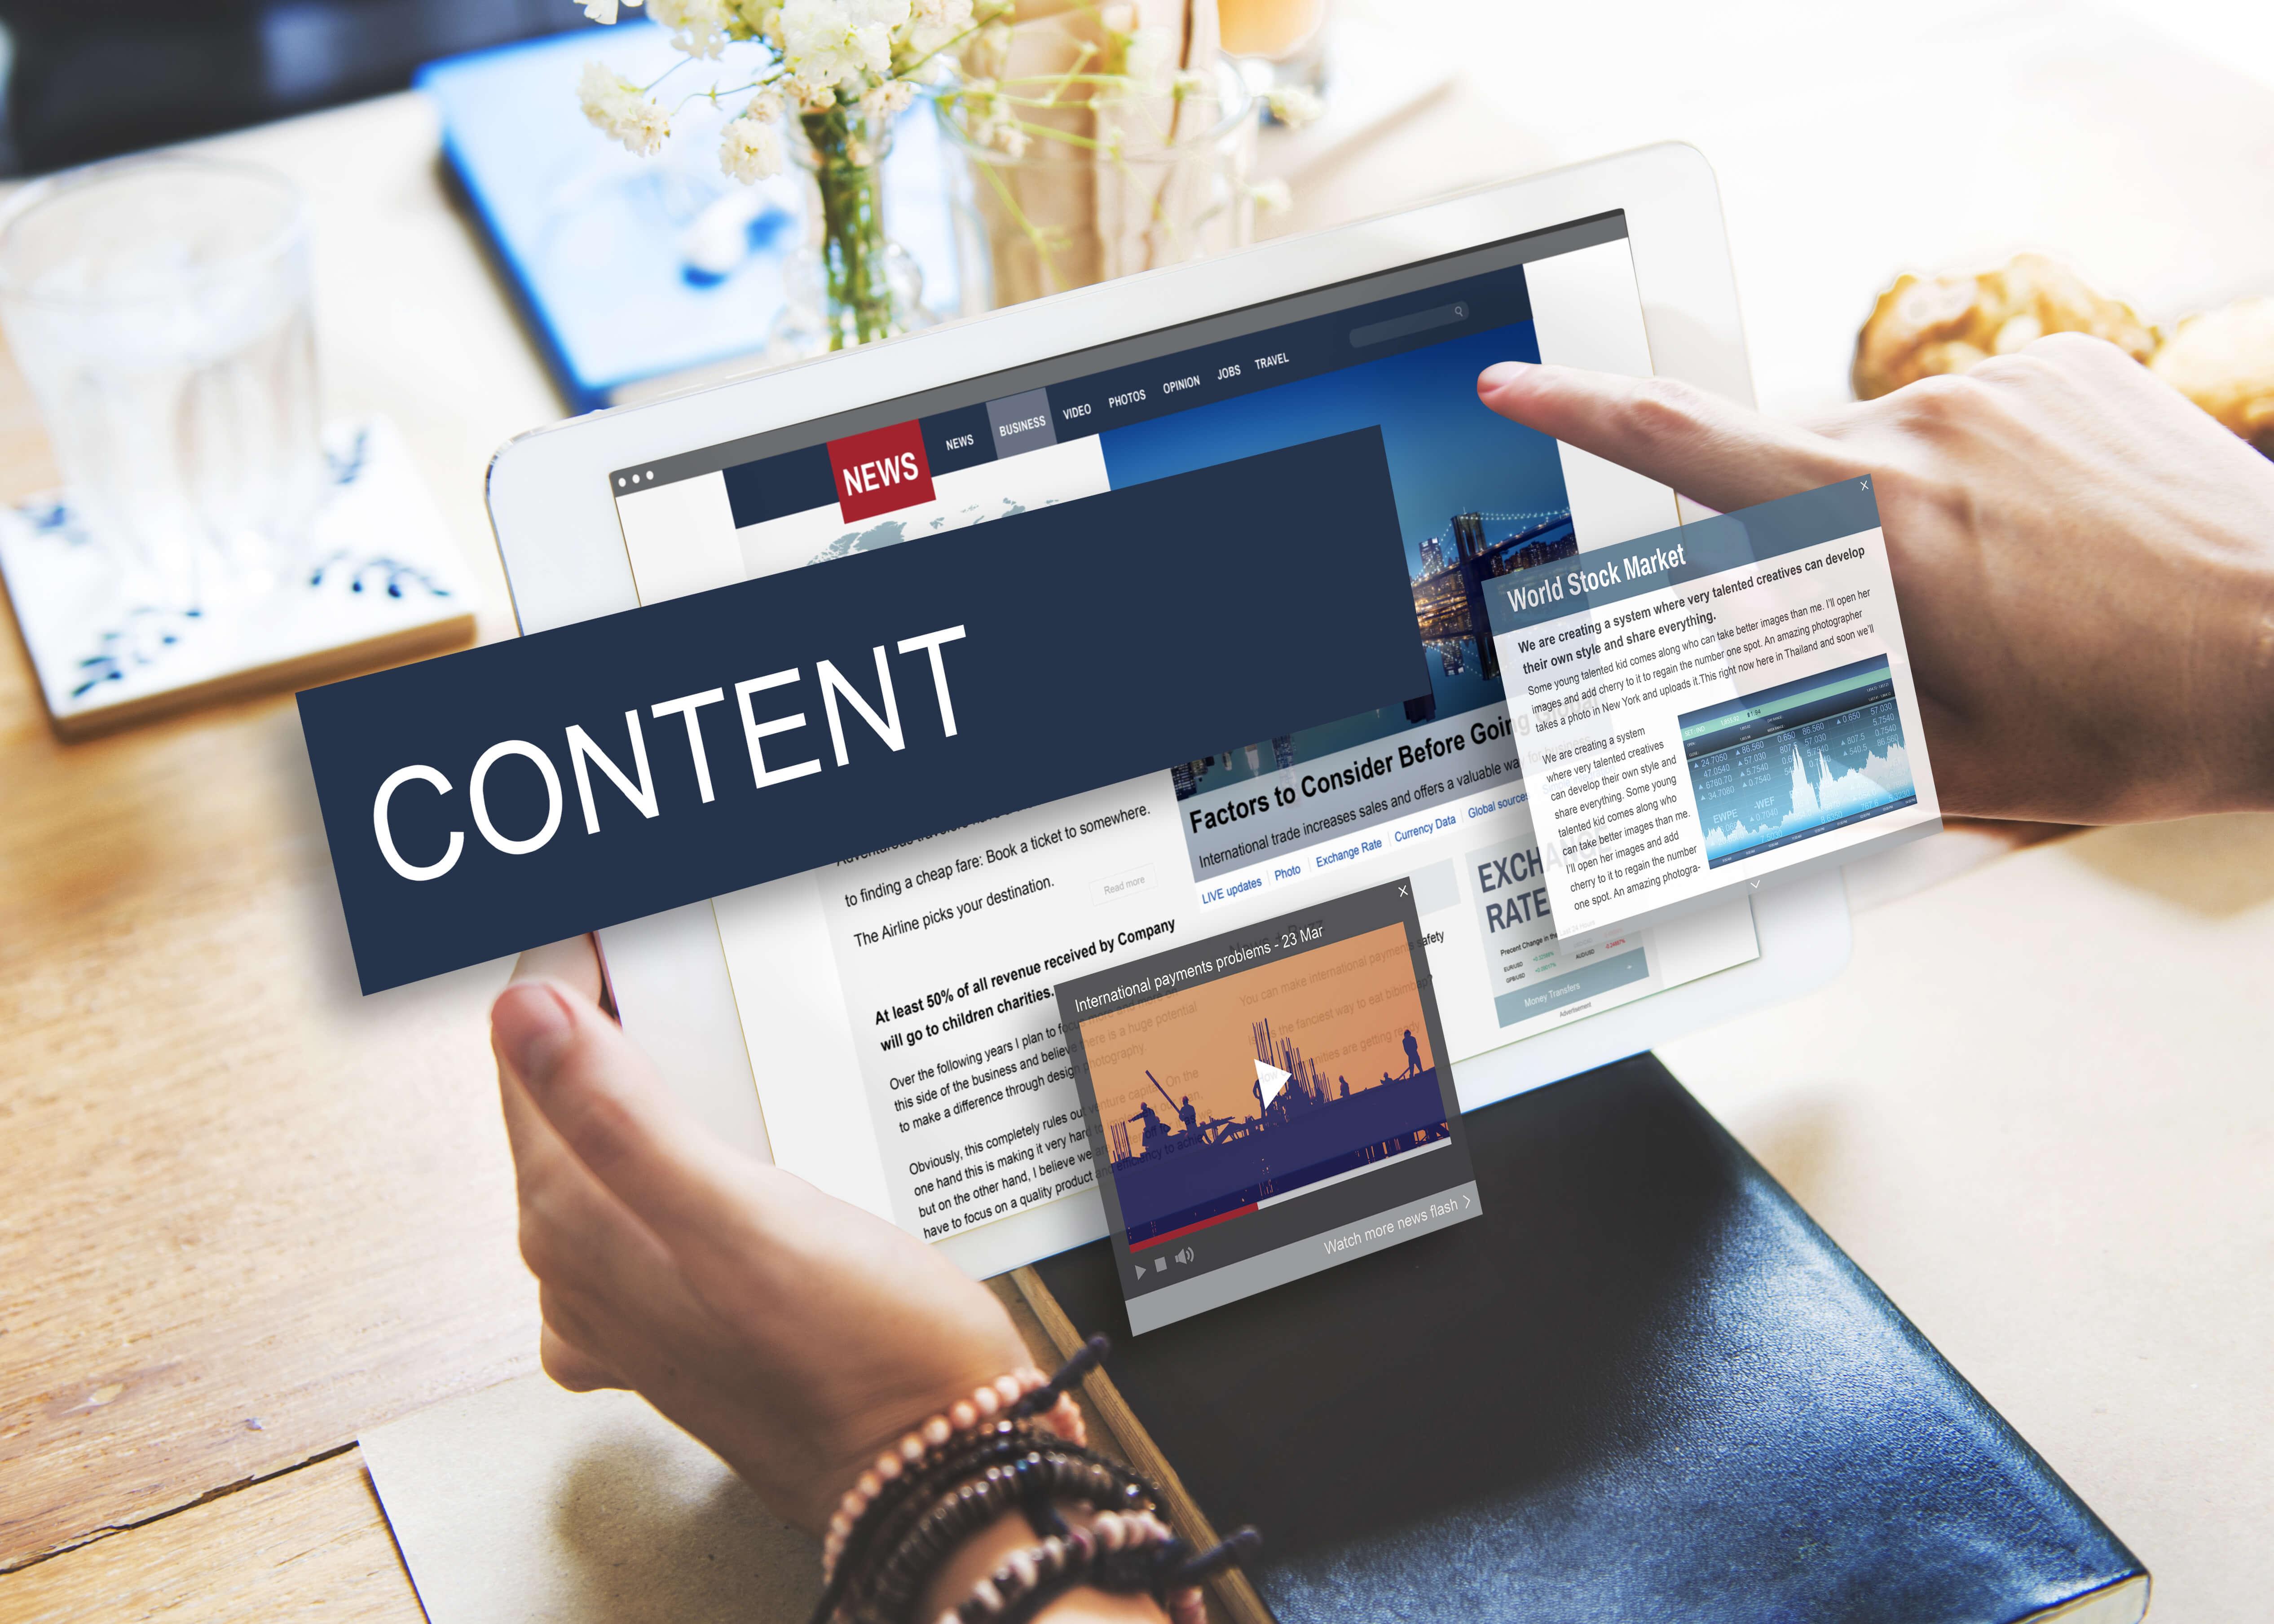 Контент и продвижения сайта компания деньга официальный сайт контакты